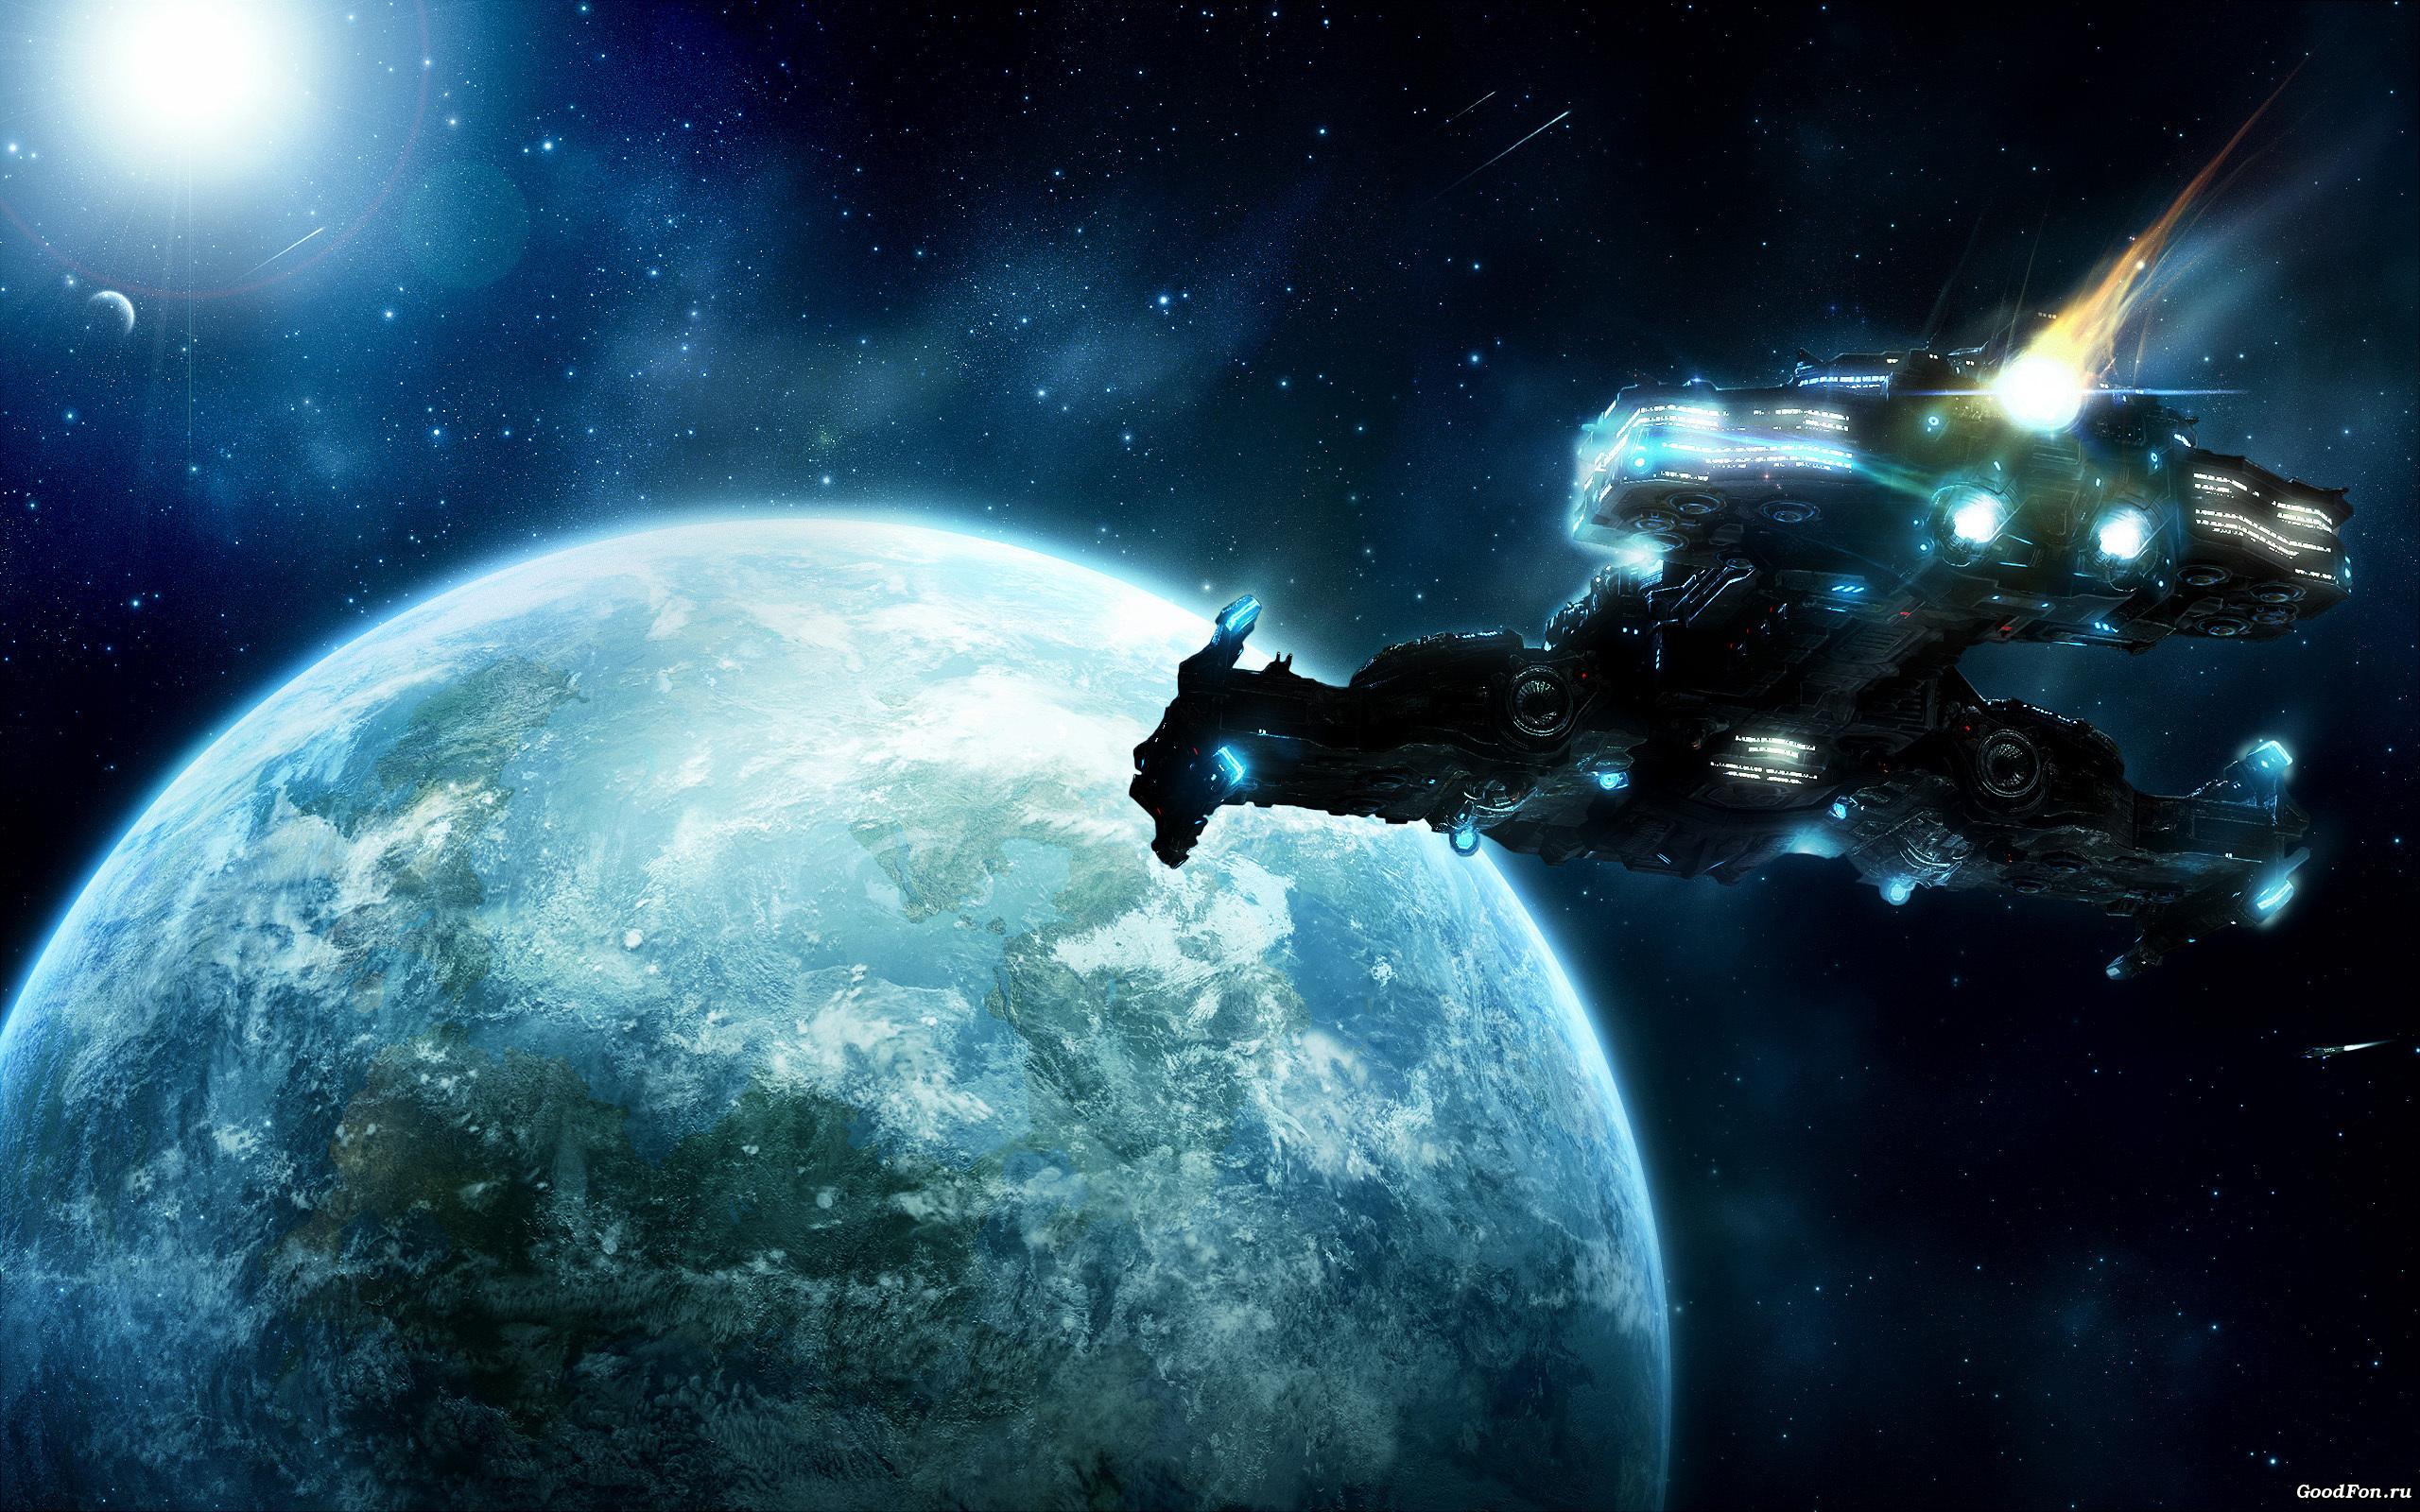 Обои космос планета корабль картинки на рабочий стол на тему Космос - скачать  № 3125420  скачать